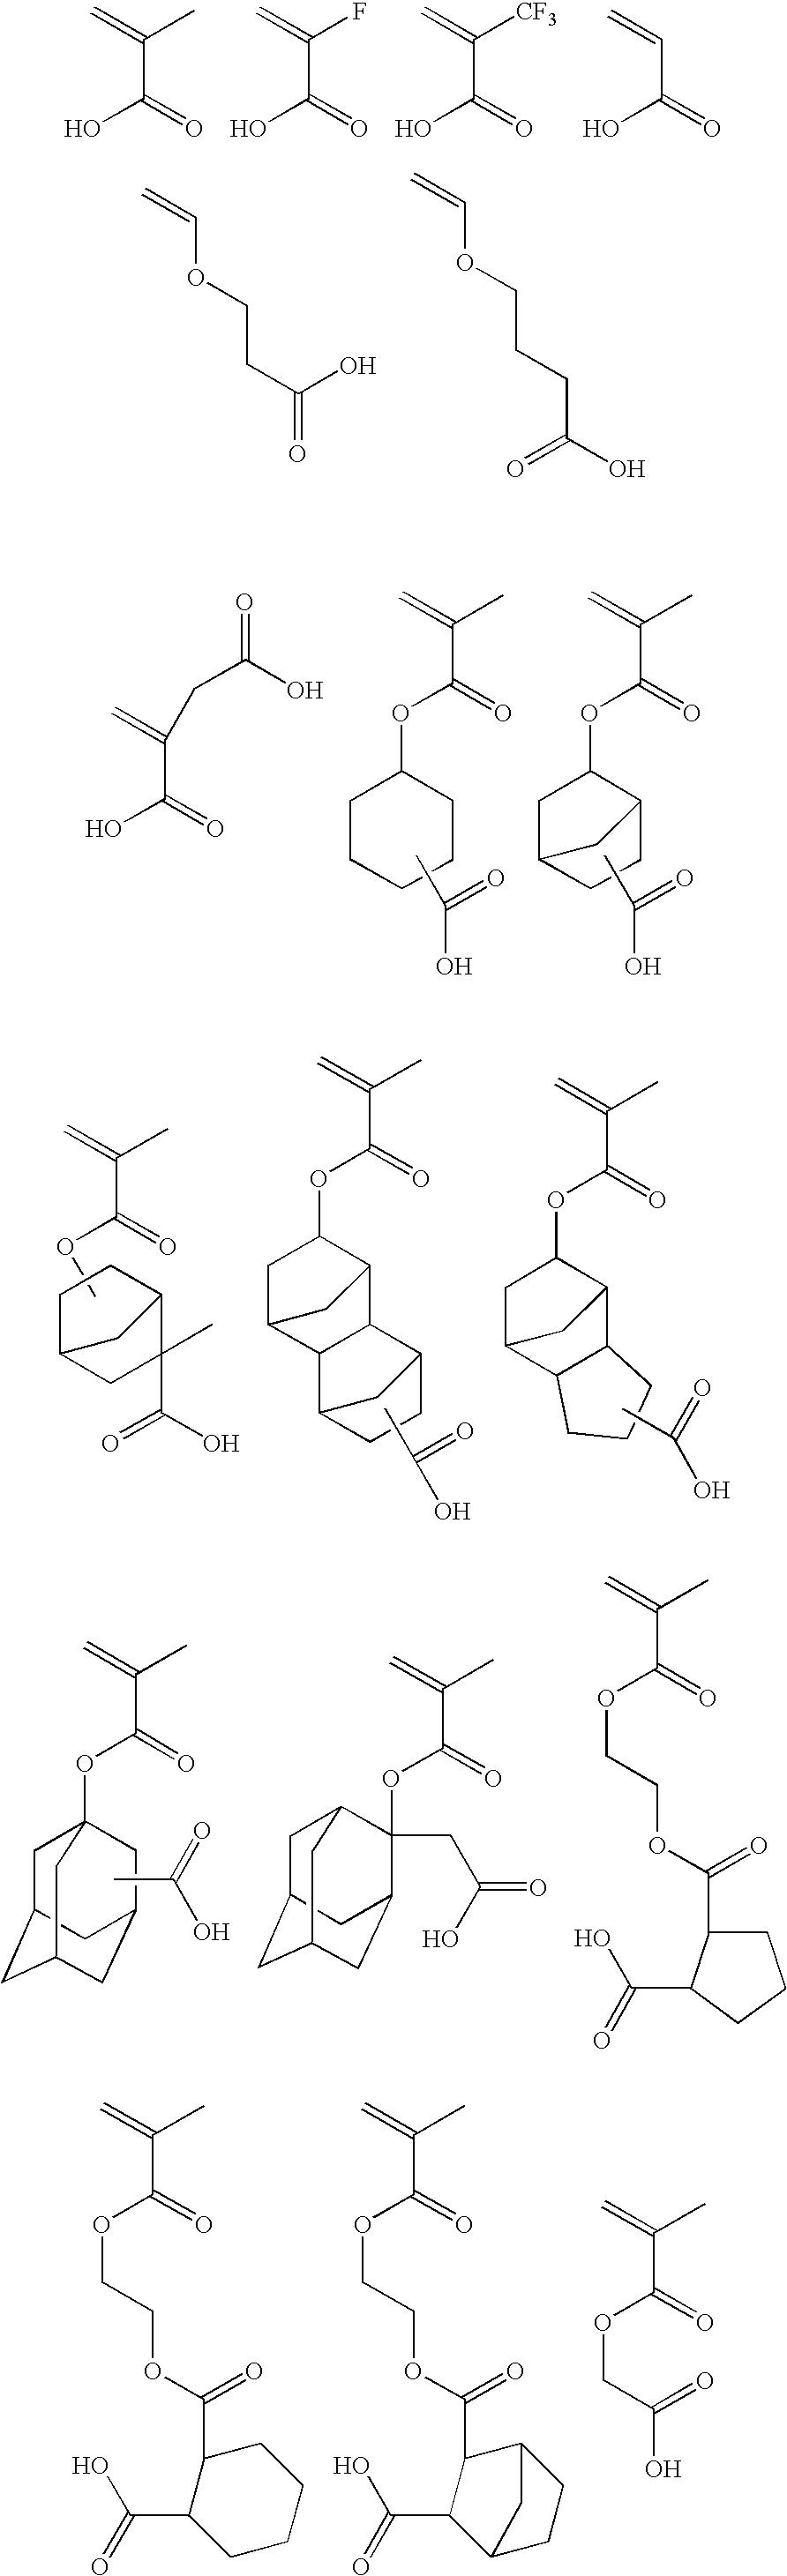 Figure US20100178617A1-20100715-C00052